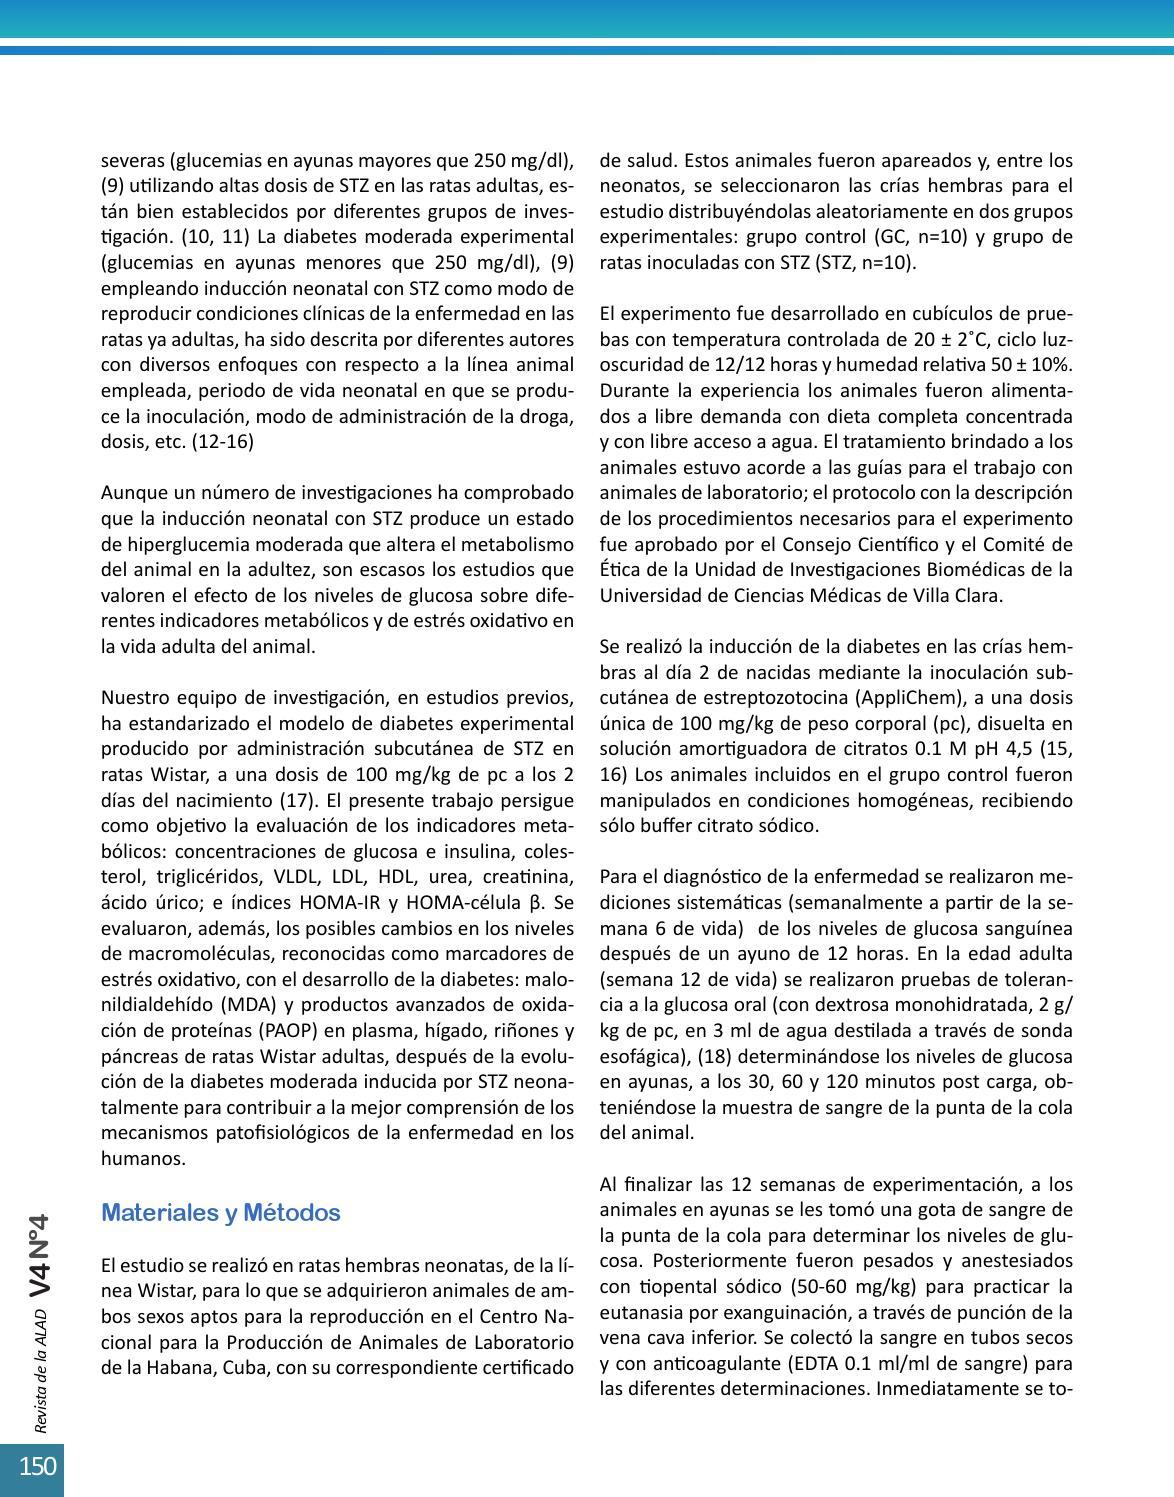 diabetes inducida por mecanismo de estreptozotocina en ratones